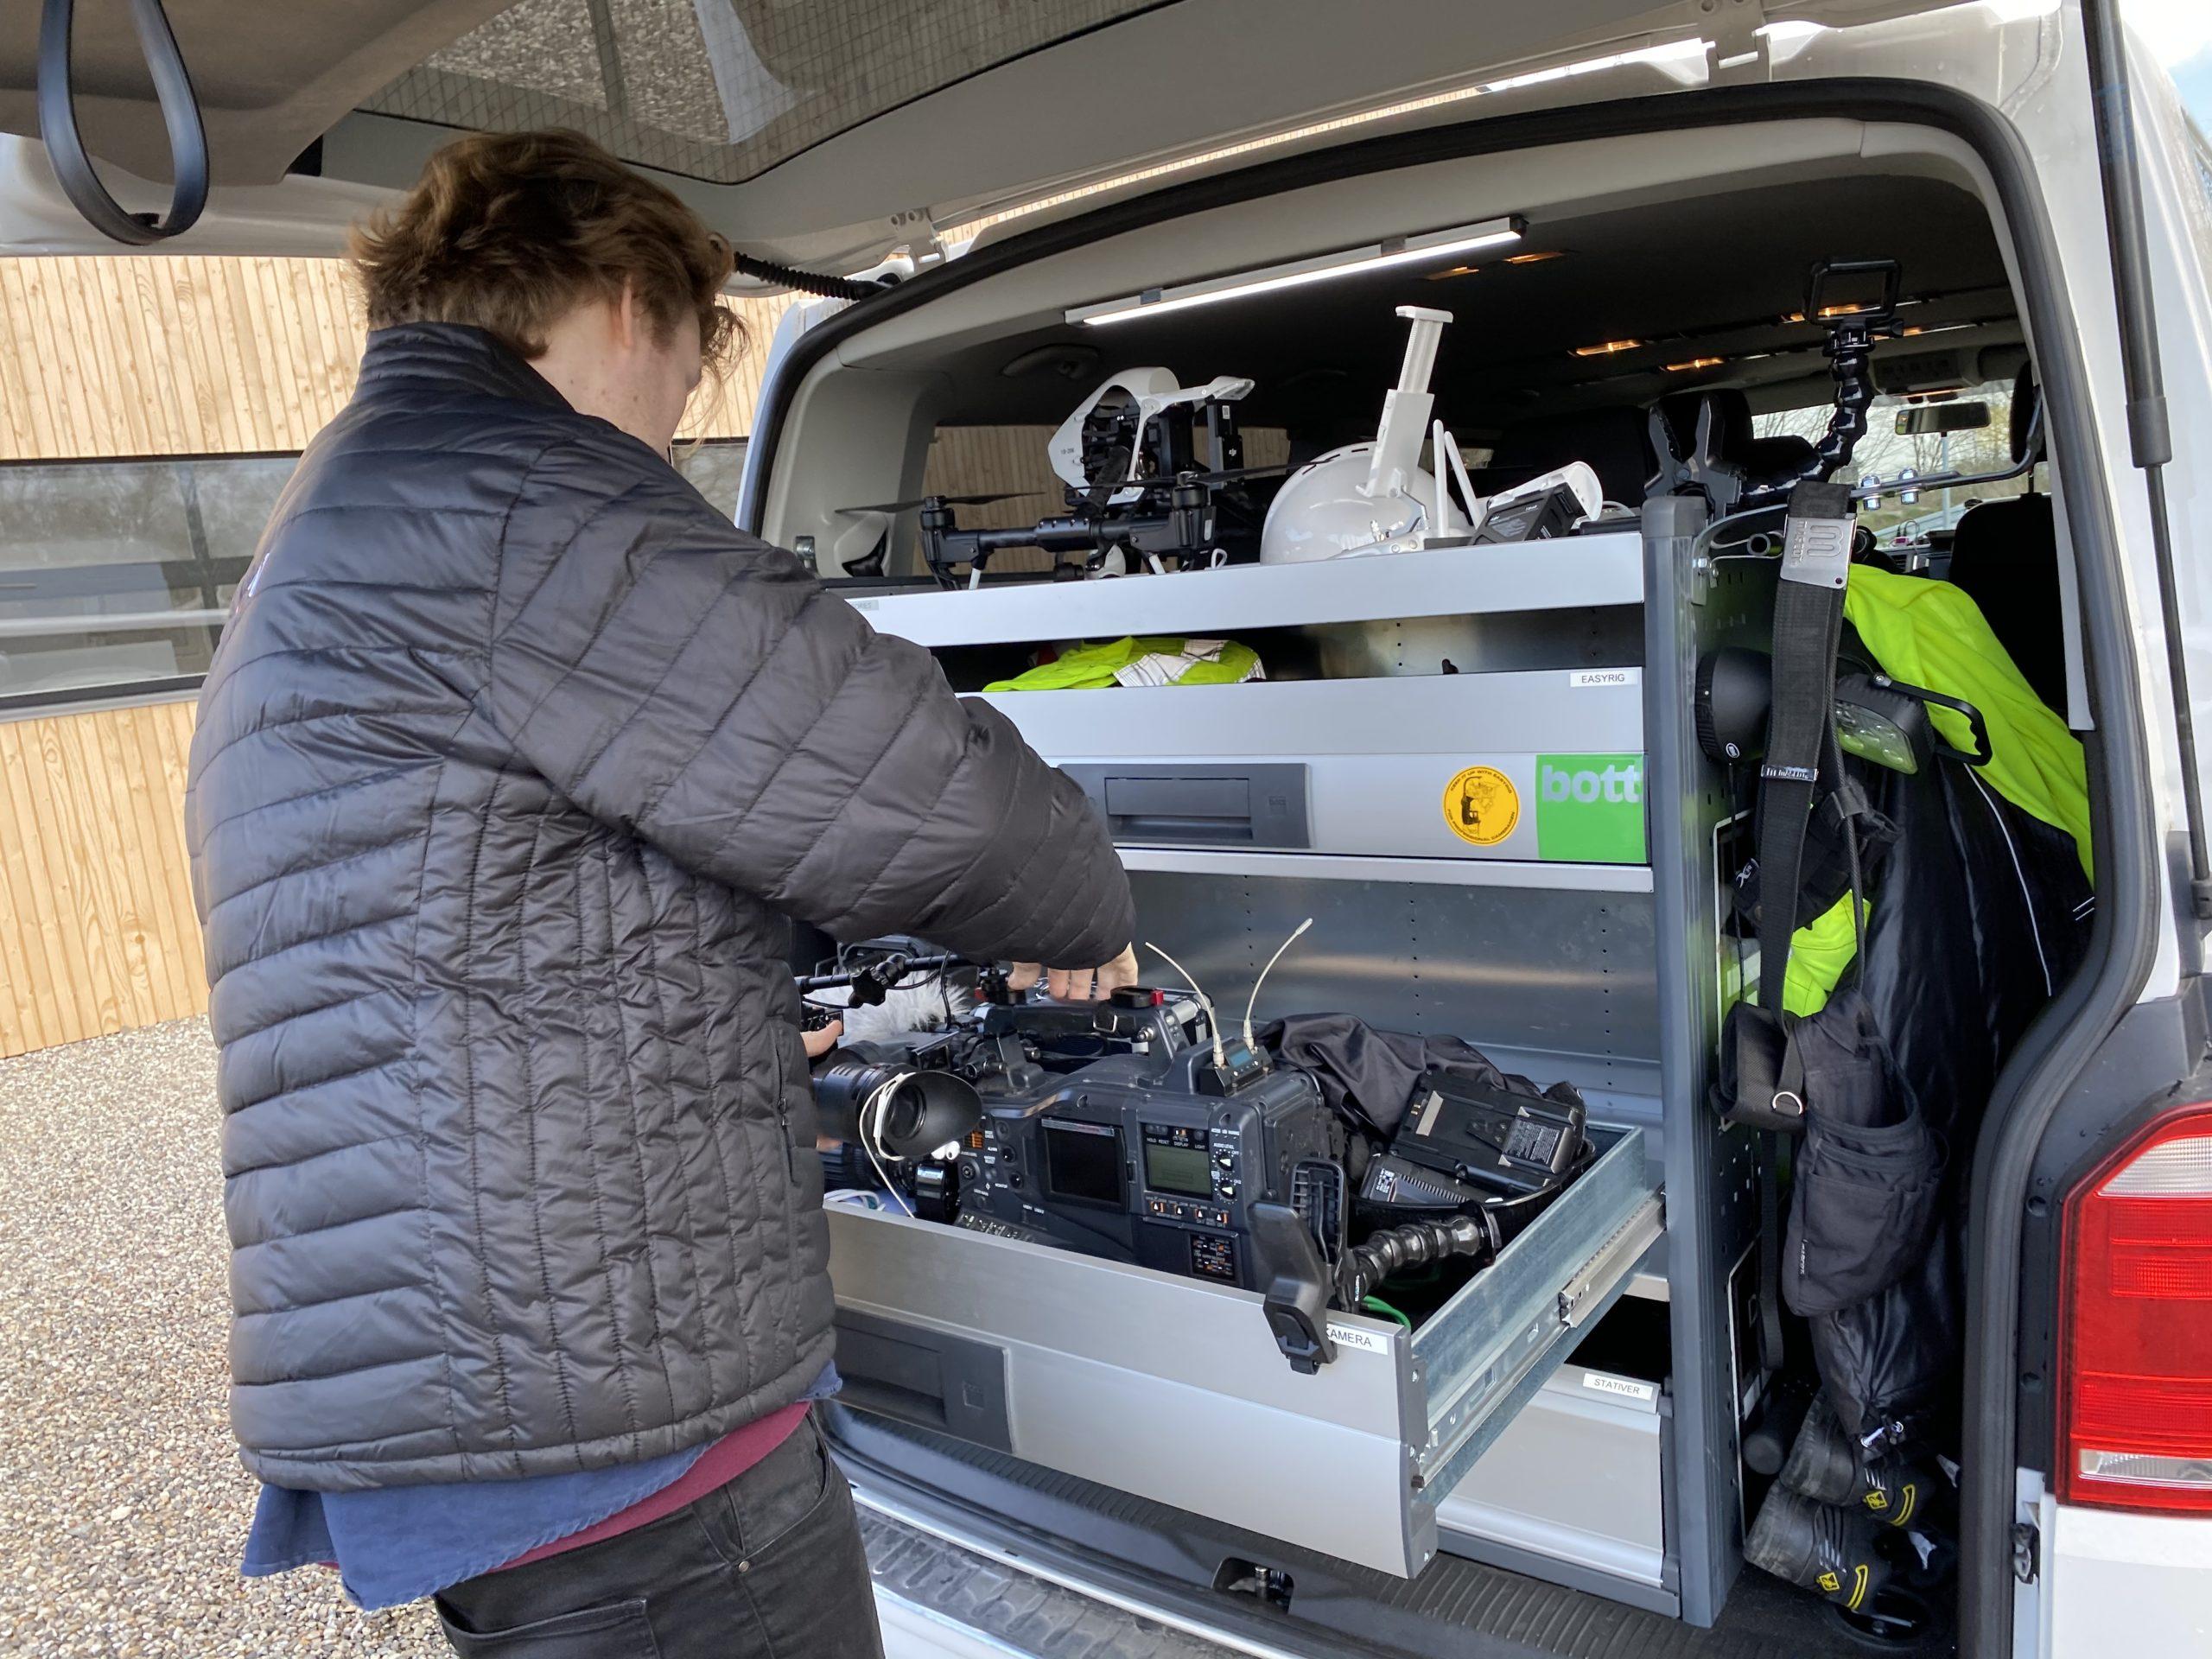 DanmarkC TV bringer nyheder og TV under COVID-19 krisen